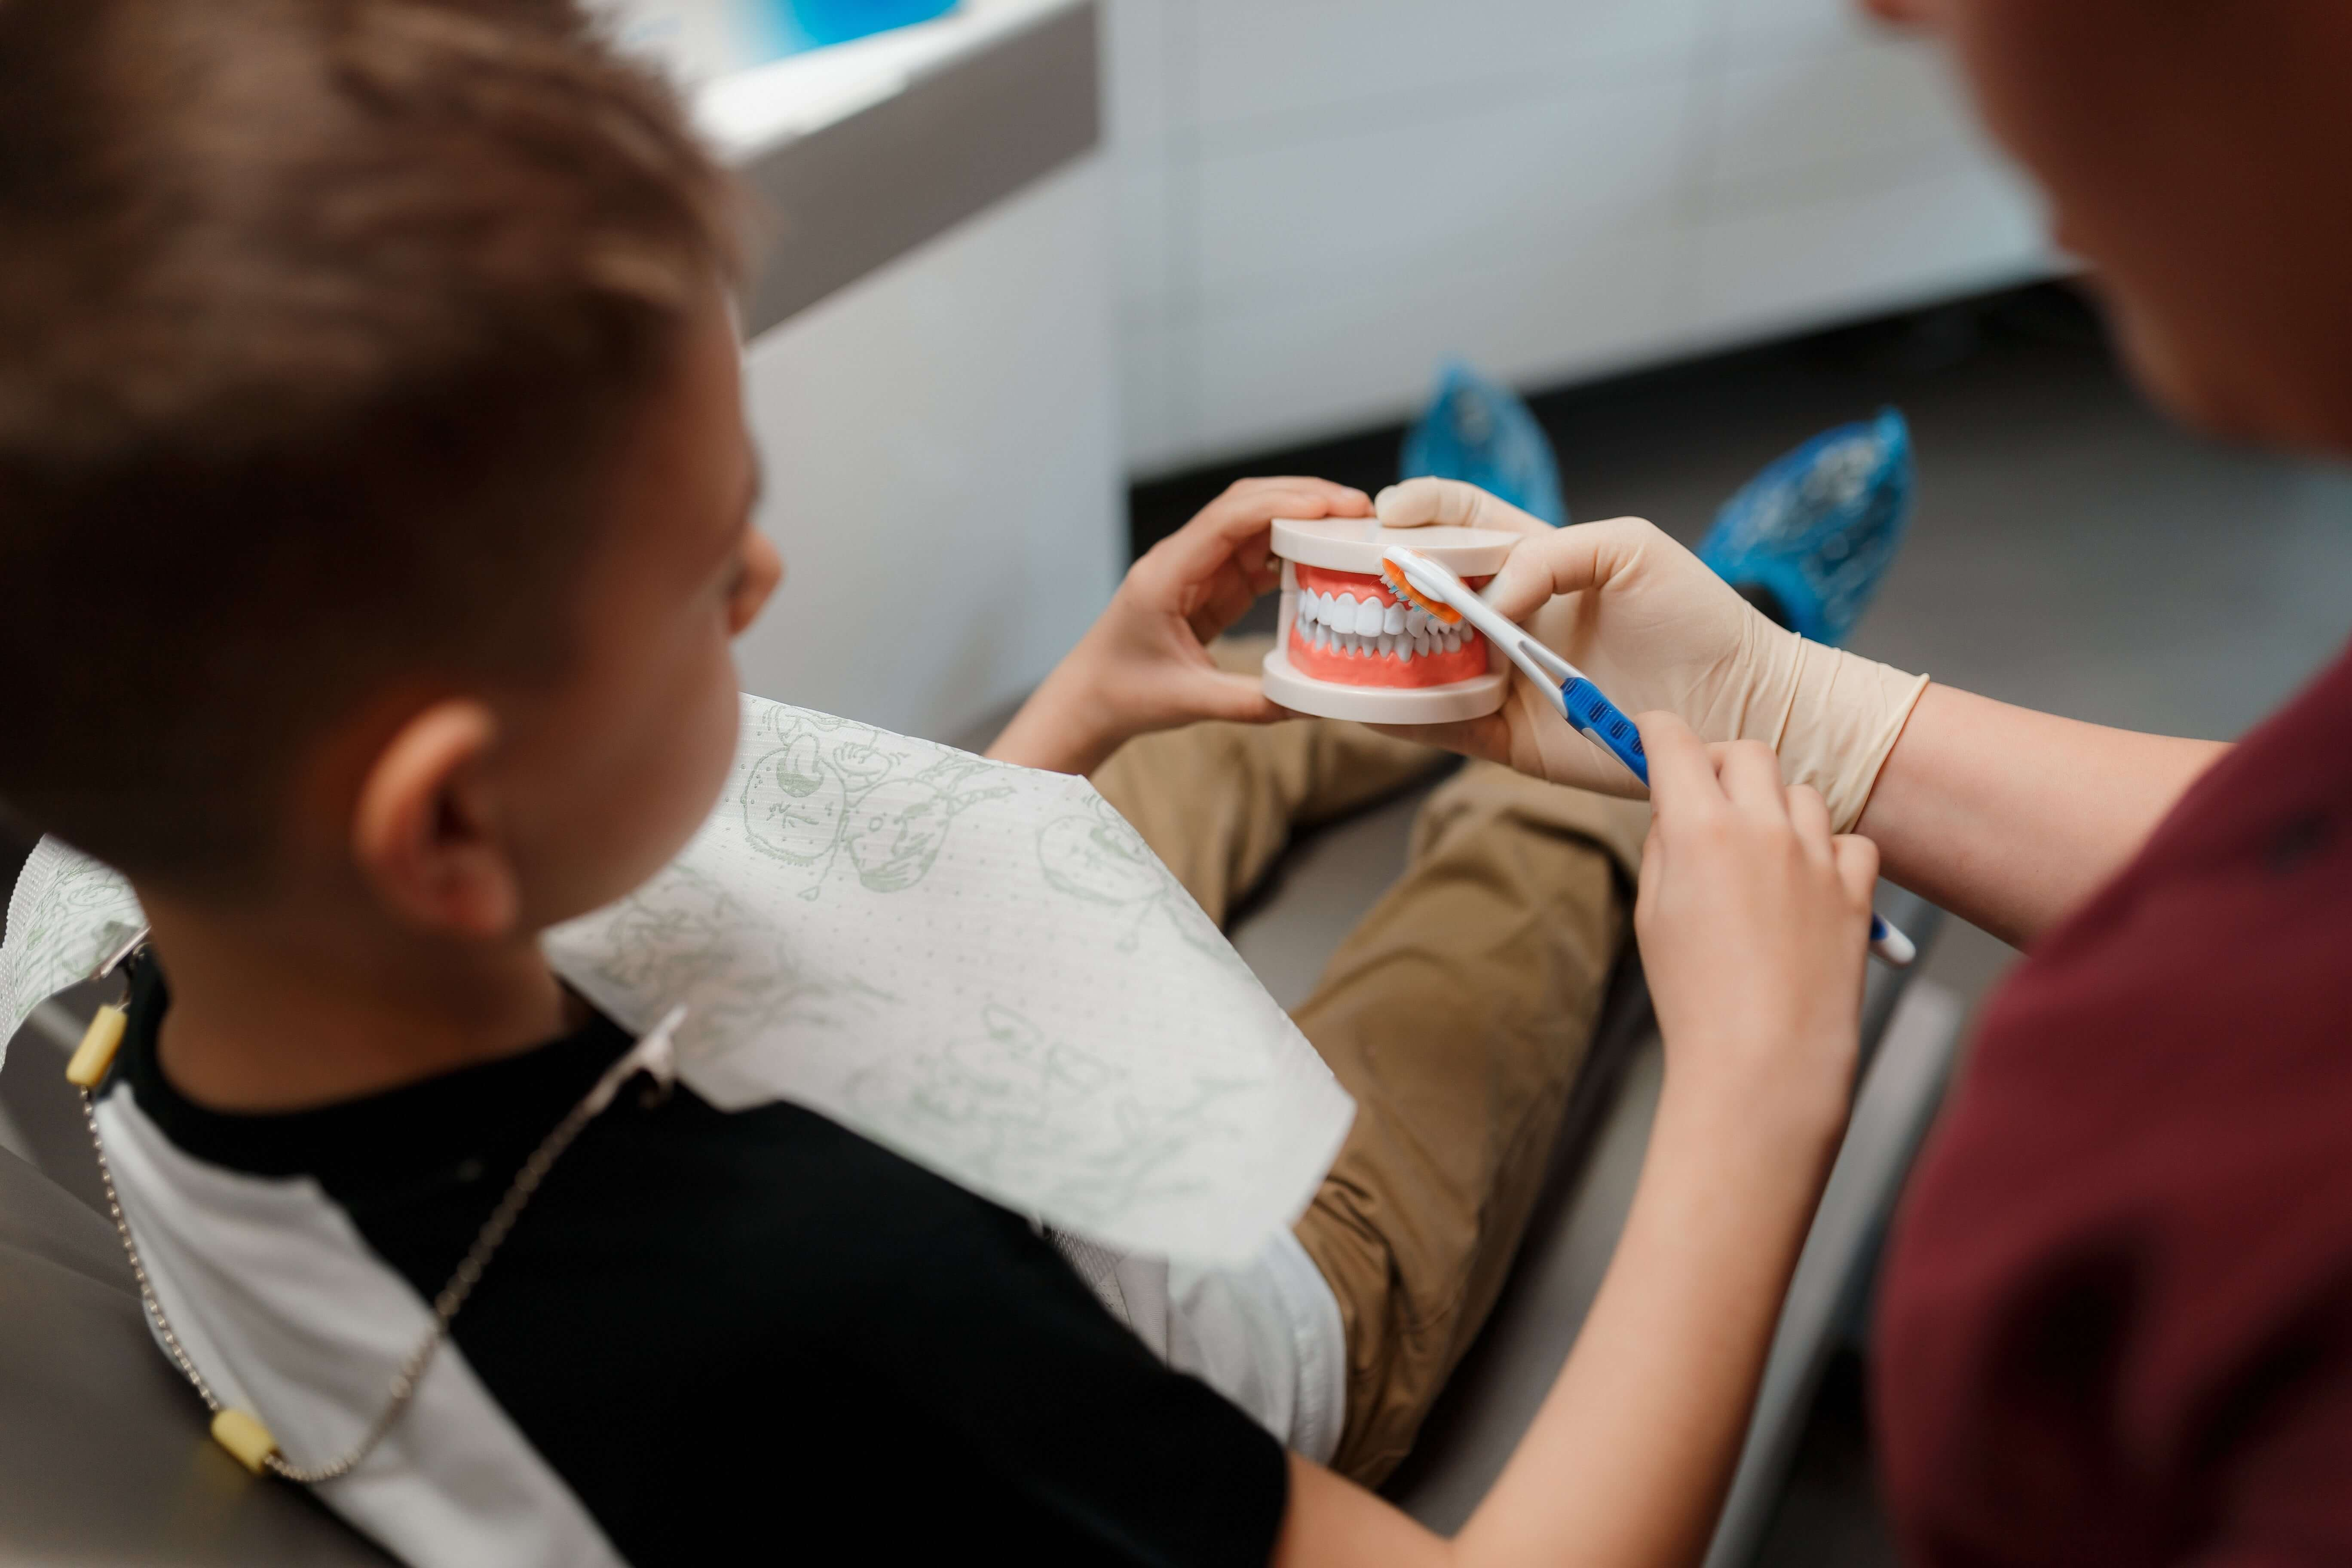 Детская электрическая зубная щетка: какую купить